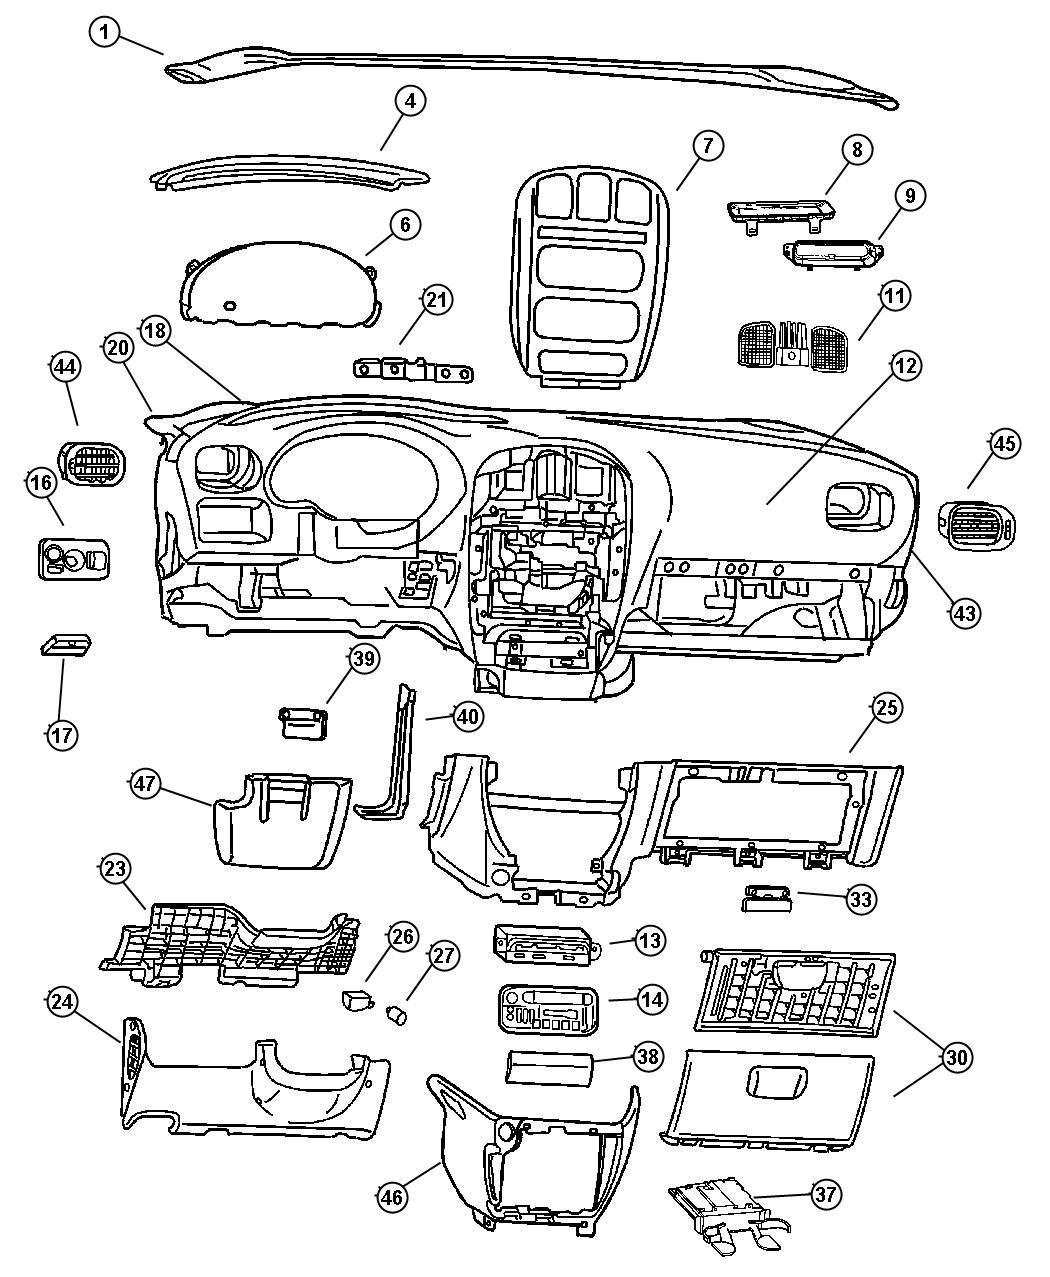 Chrysler Grand Voyager Manuals Online